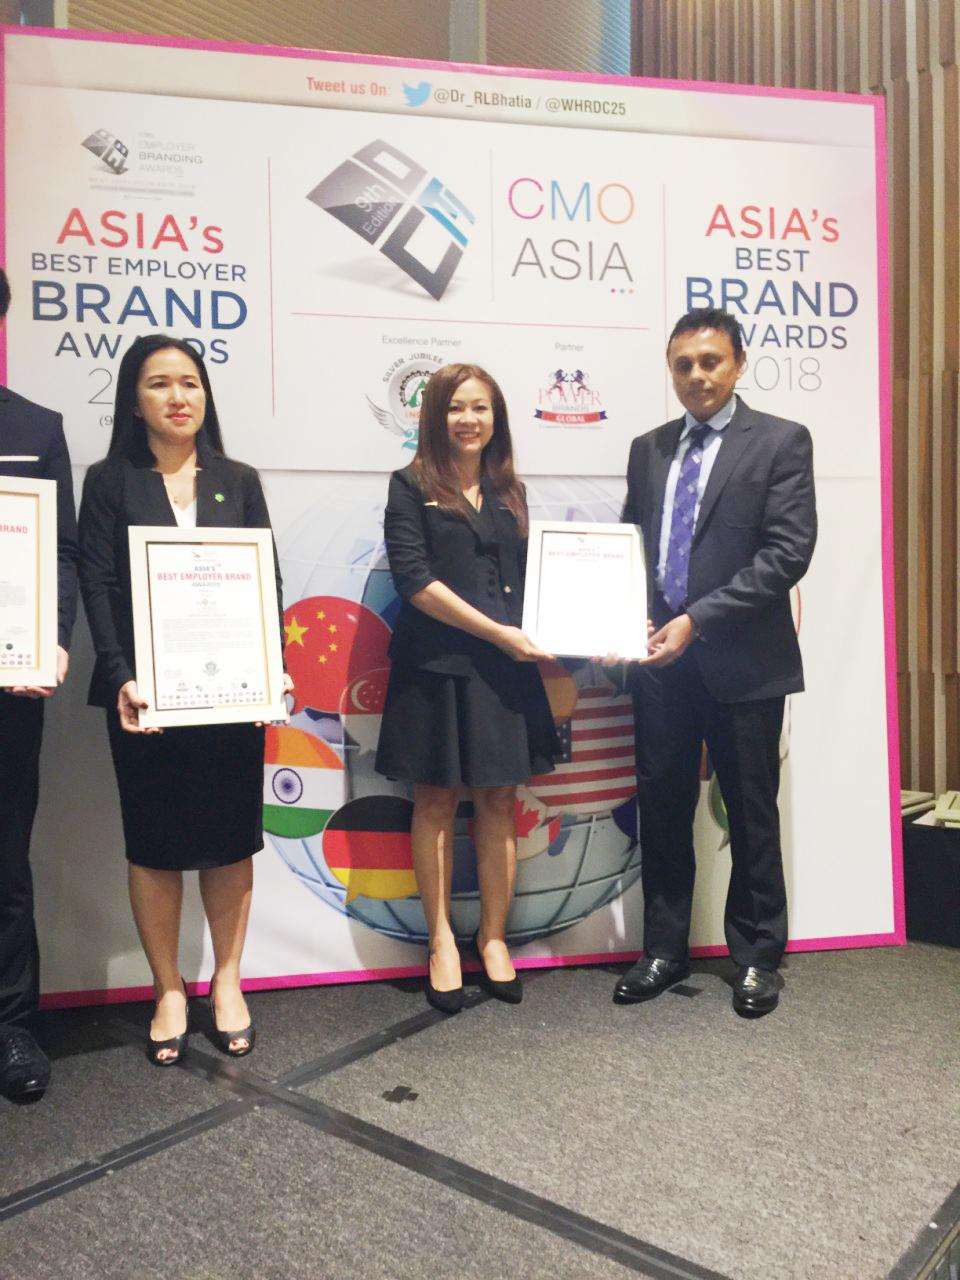 Nhà phân phối hàng hiệu hàng đầu Việt Nam là thương hiệu tuyển dụng tốt nhất Châu Á năm 2018